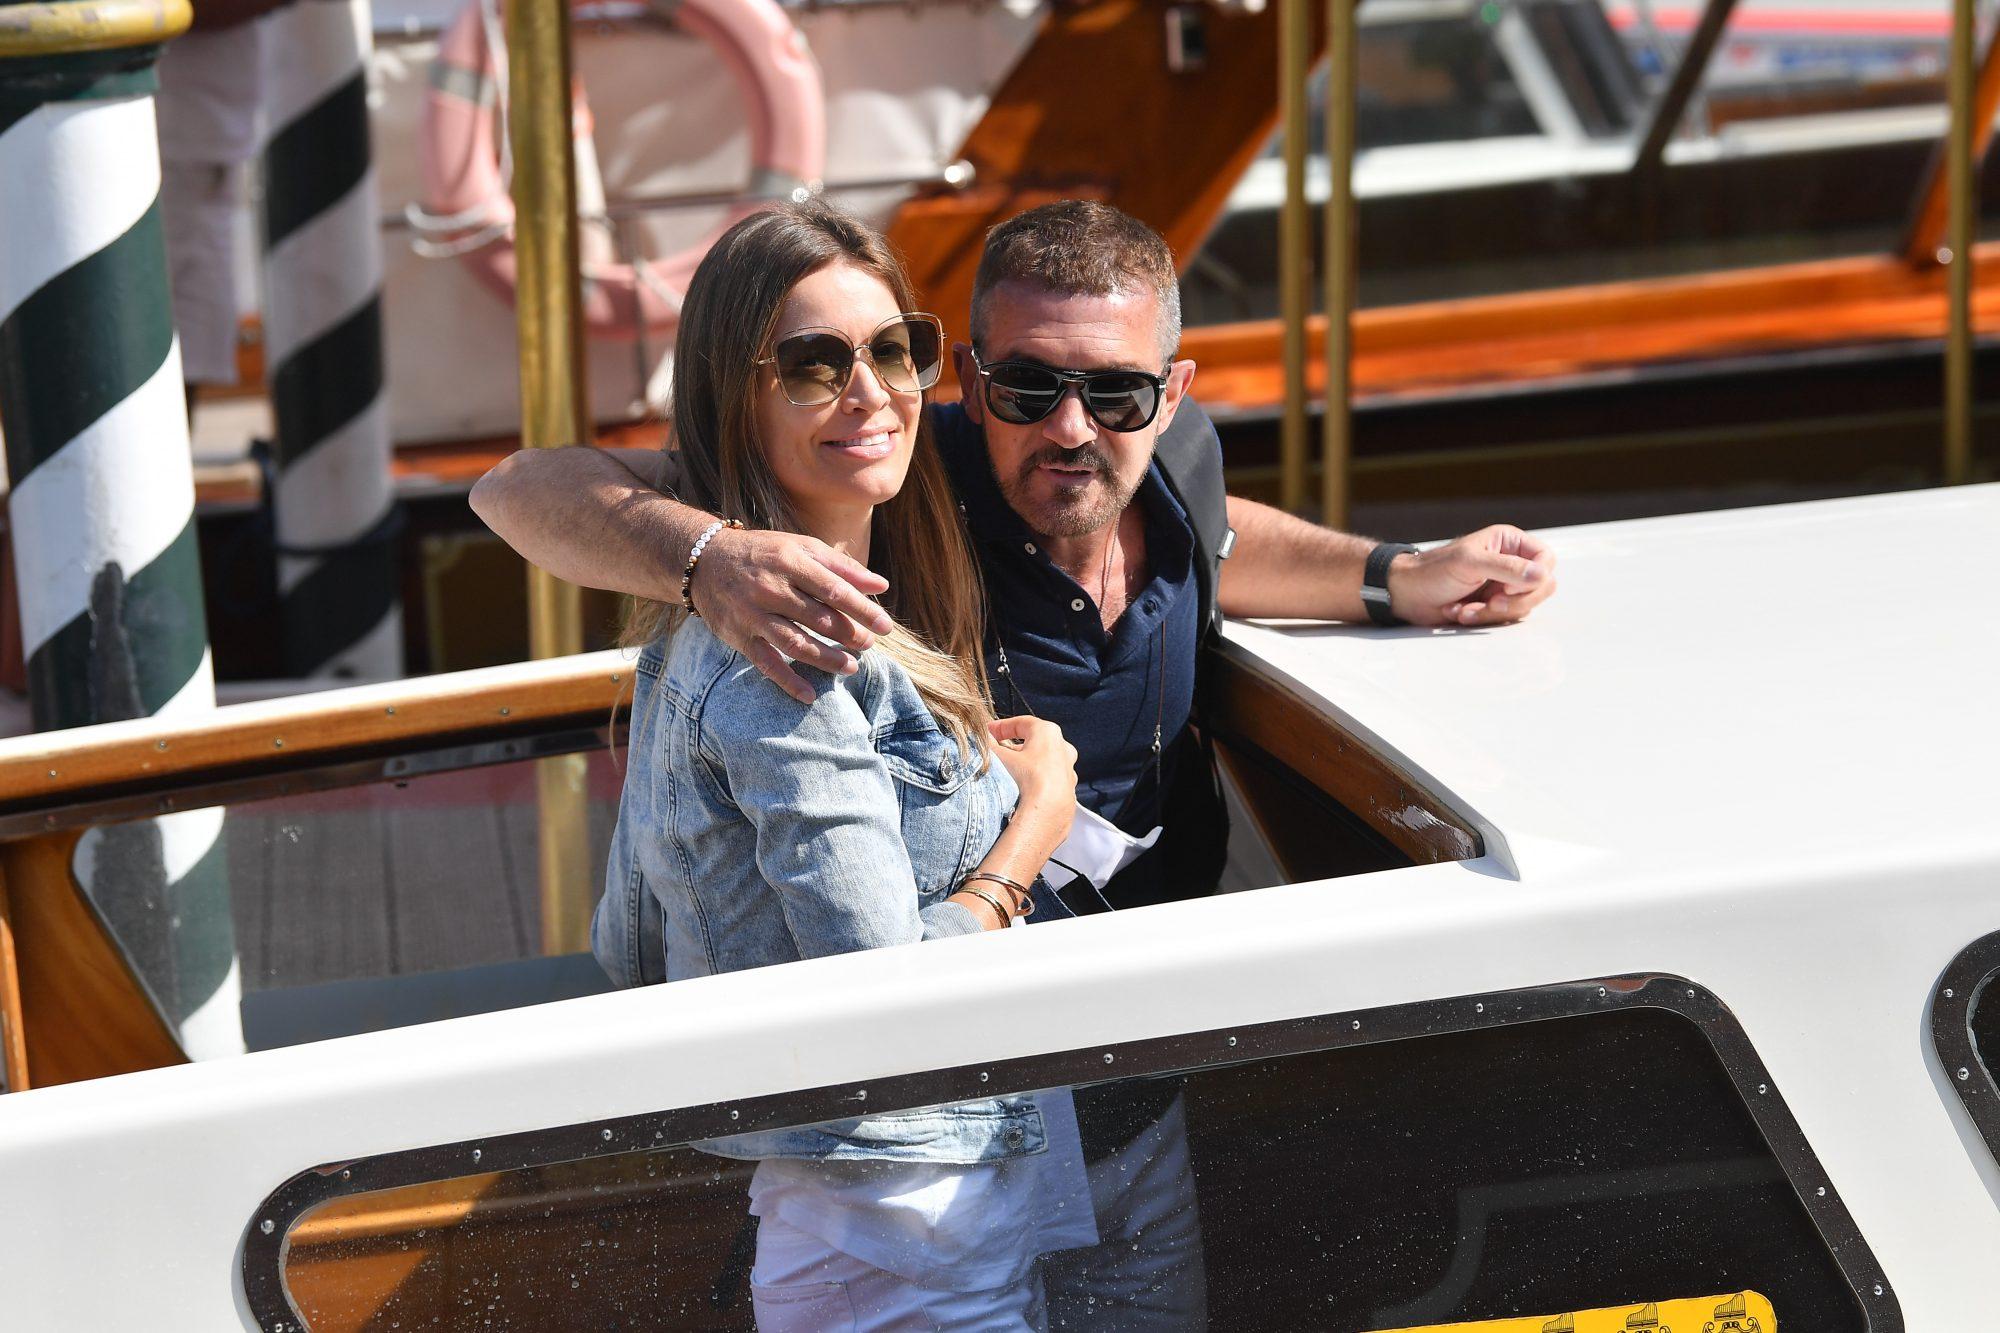 Antonio Banderas y su novia Nicole en el 78th Venice International Film Festival